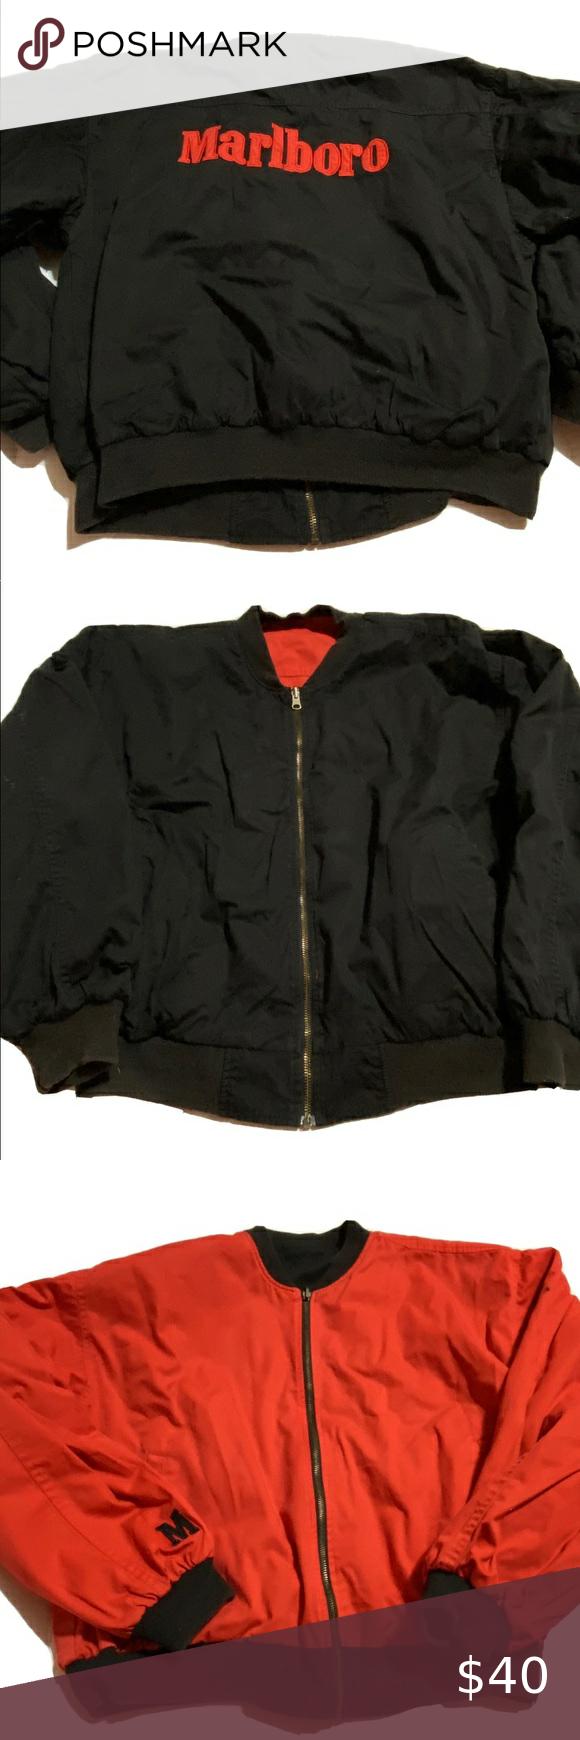 Vintage Marlboro Reversible Jacket In 2020 Reversible Jackets Jackets Marlboro Jacket